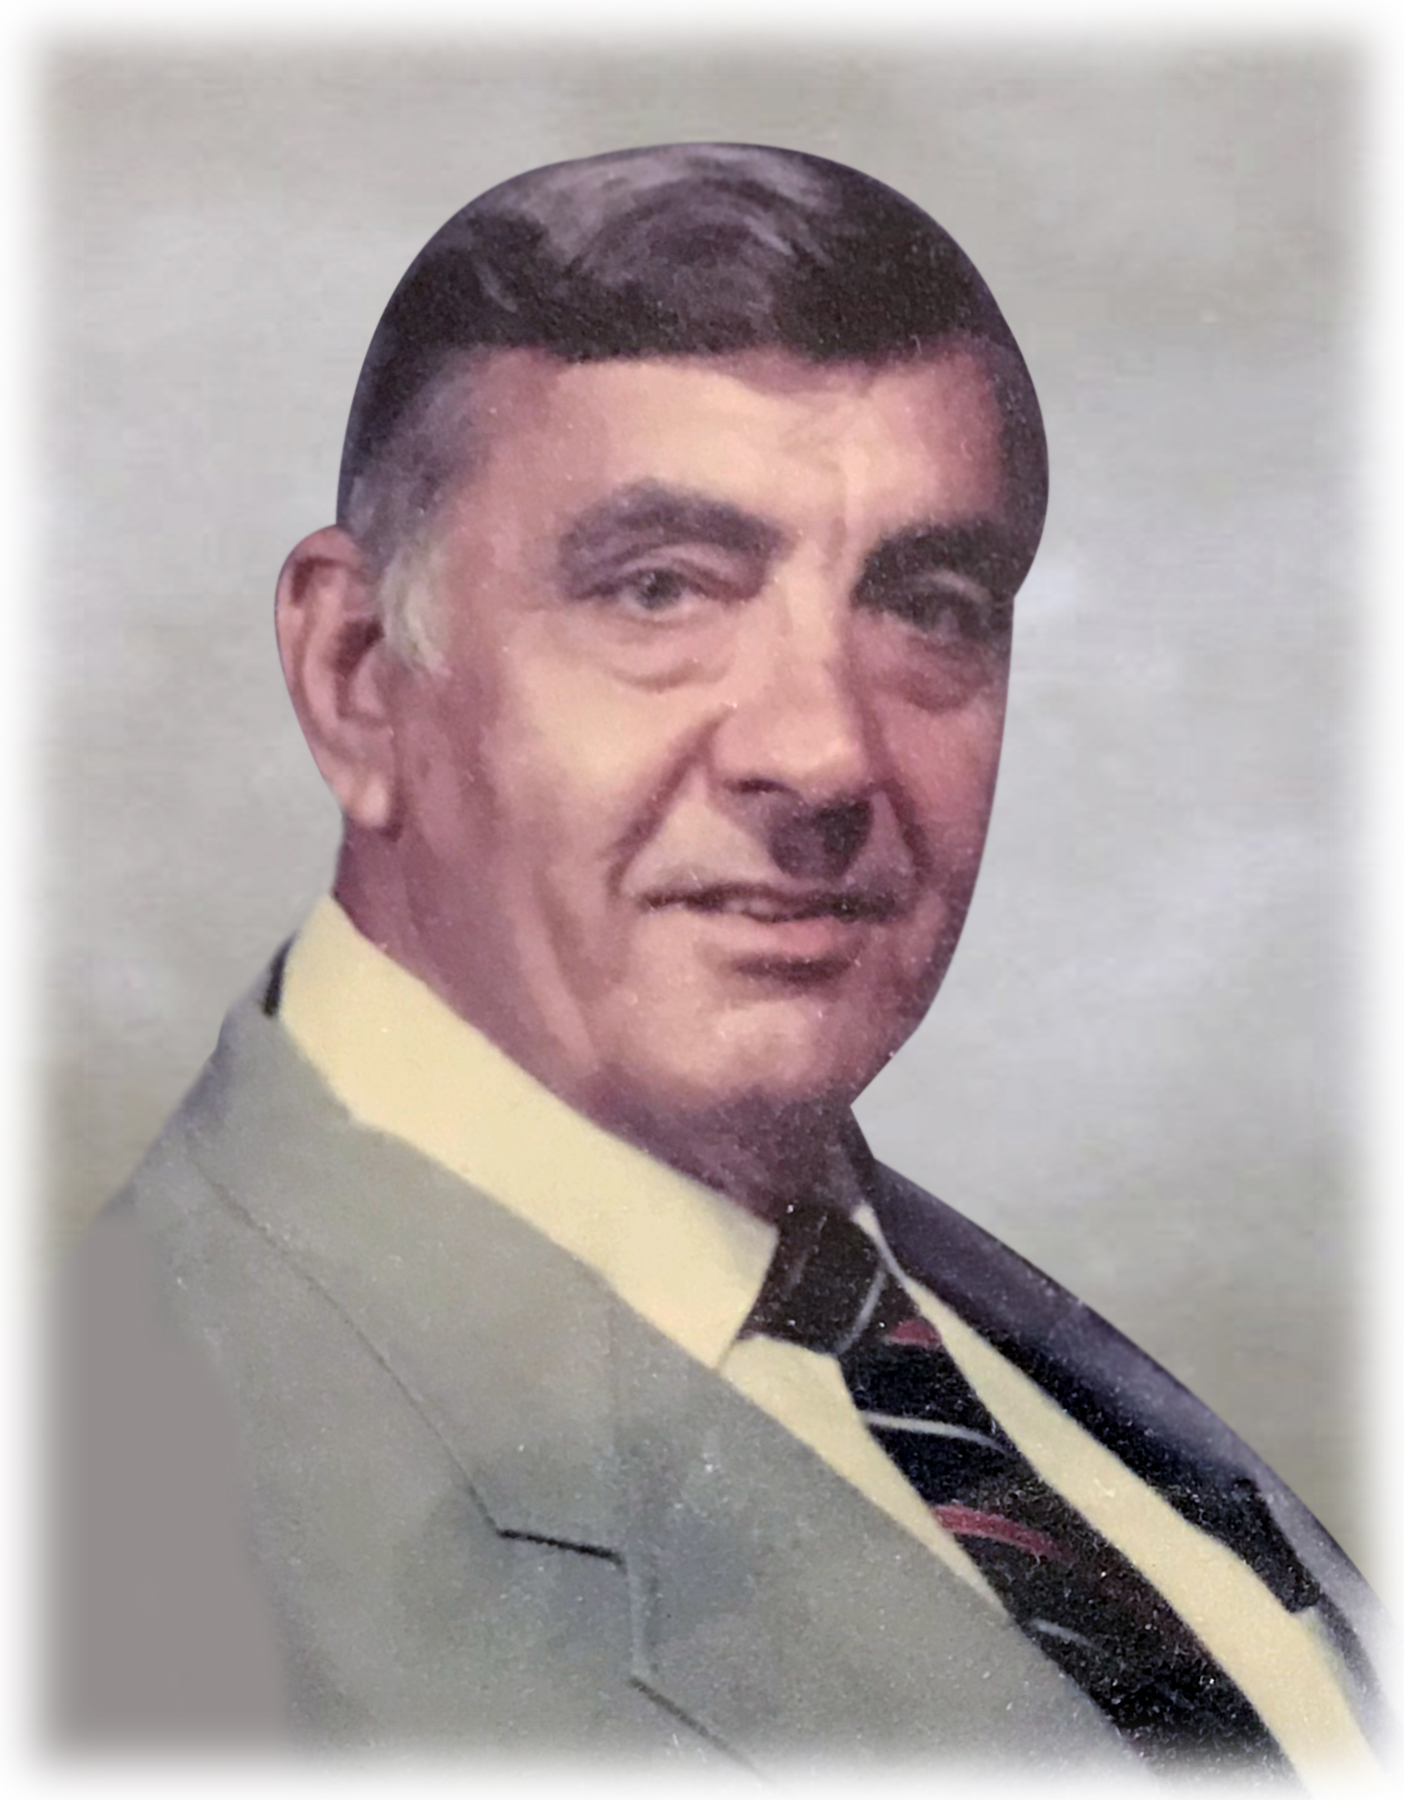 William G. Semin